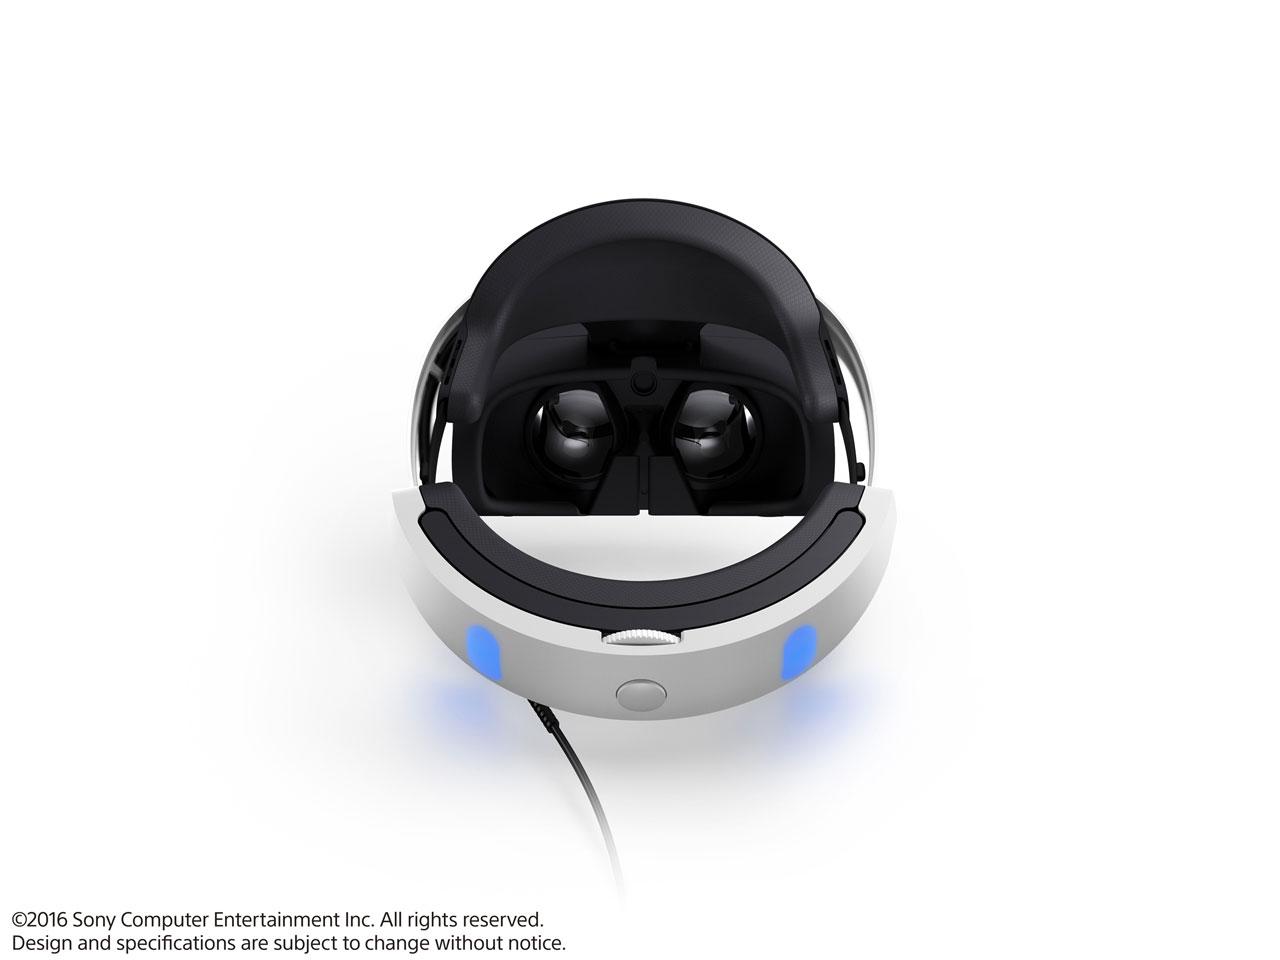 『本体 背面』 PlayStation VR CUHJ-16000 の製品画像